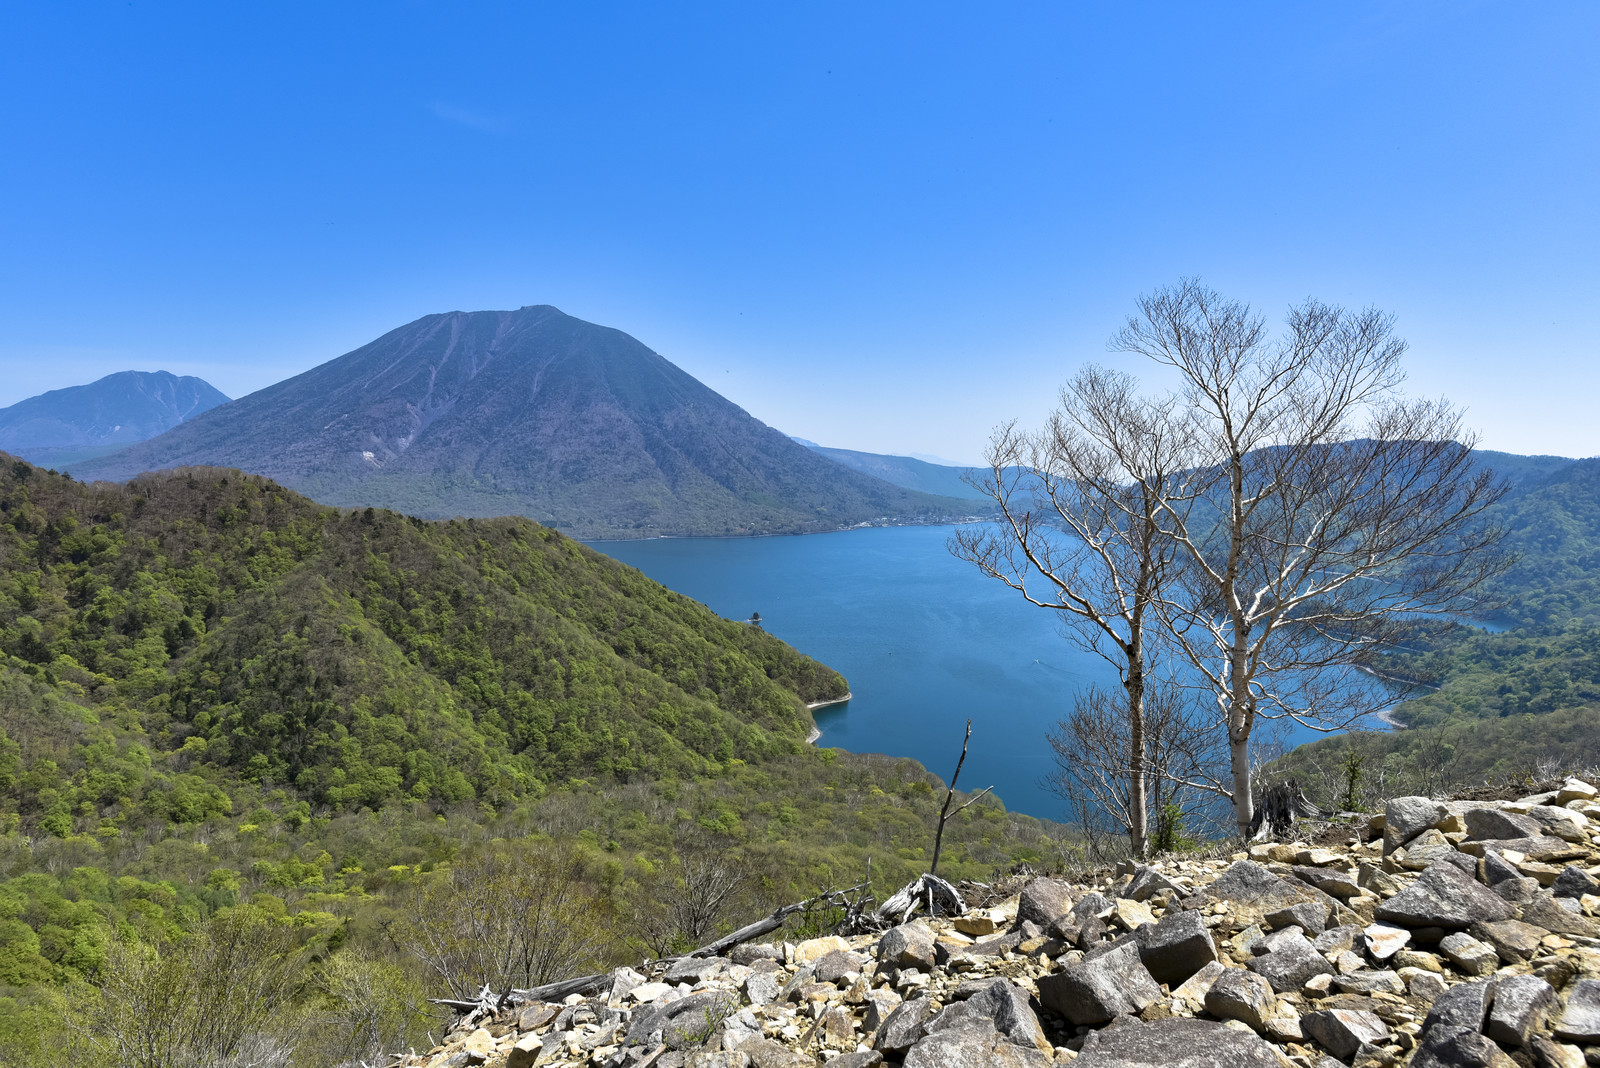 「中禅寺湖と男体山を見下ろす風景(栃木県日光市)」の写真